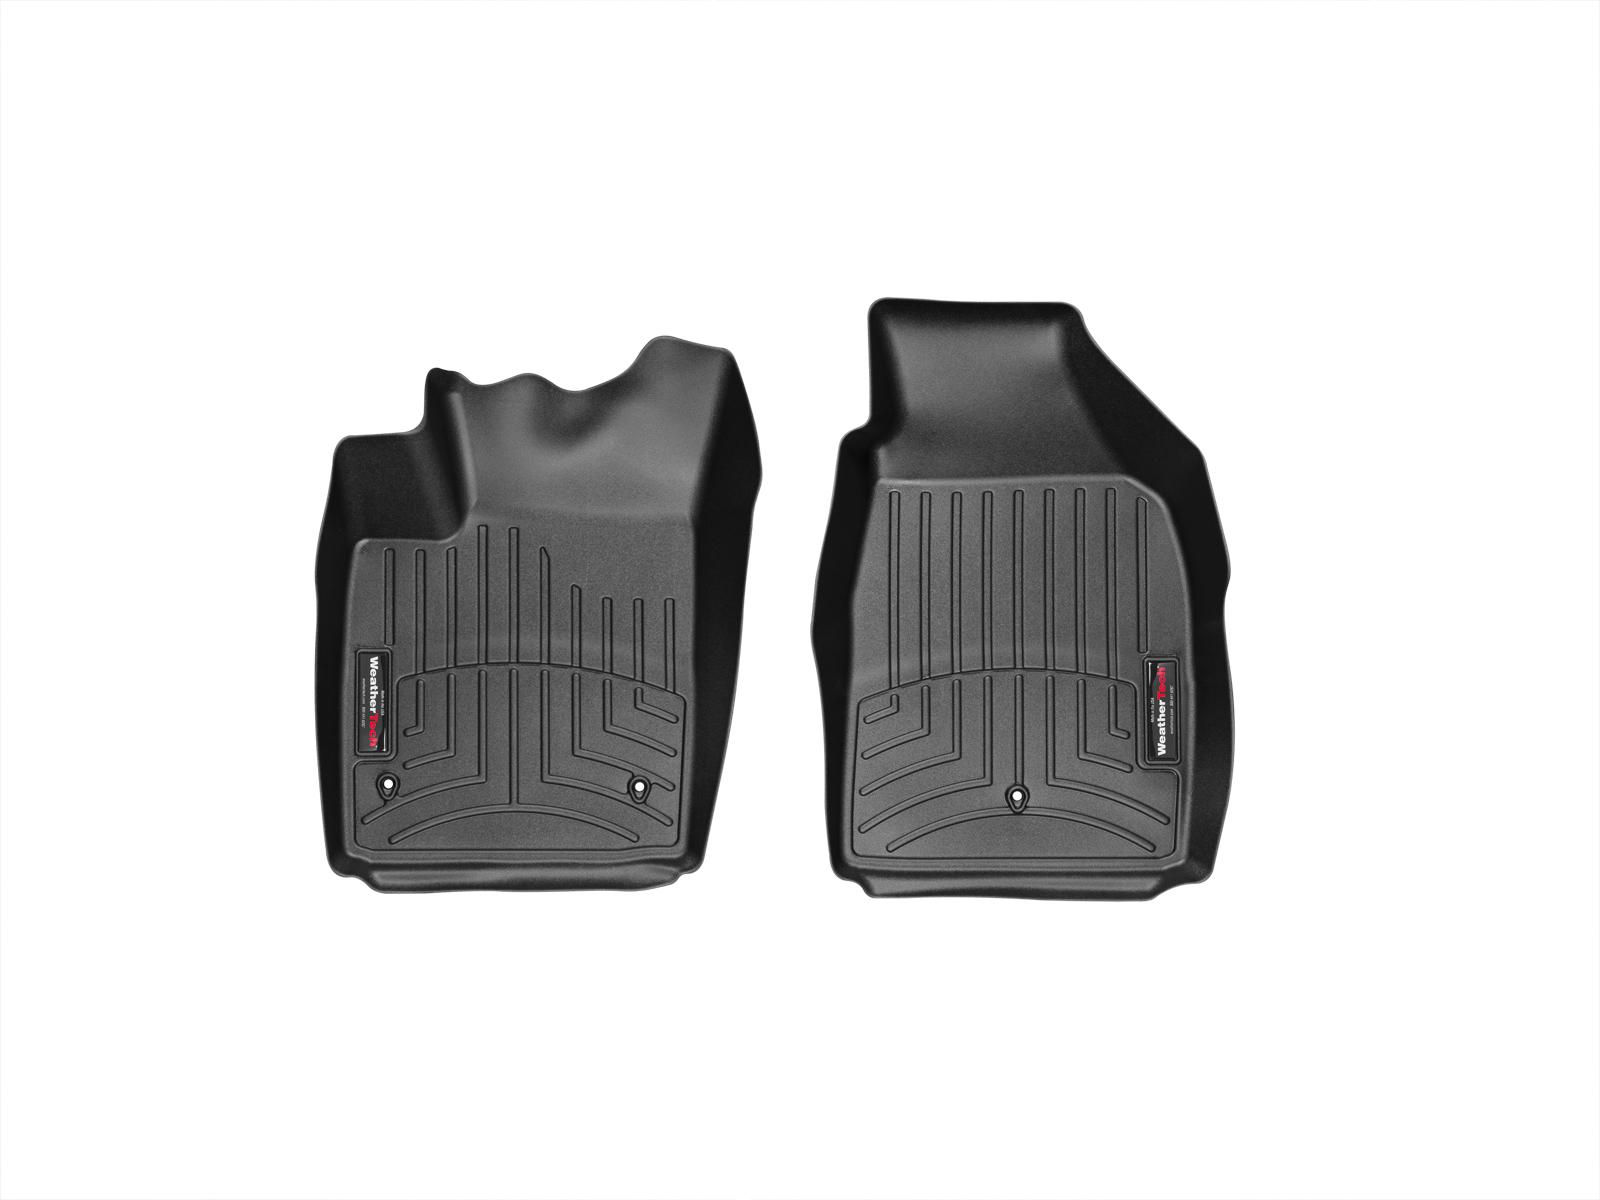 Tappeti gomma su misura bordo alto Fiat 500C 09>17 Nero A766*